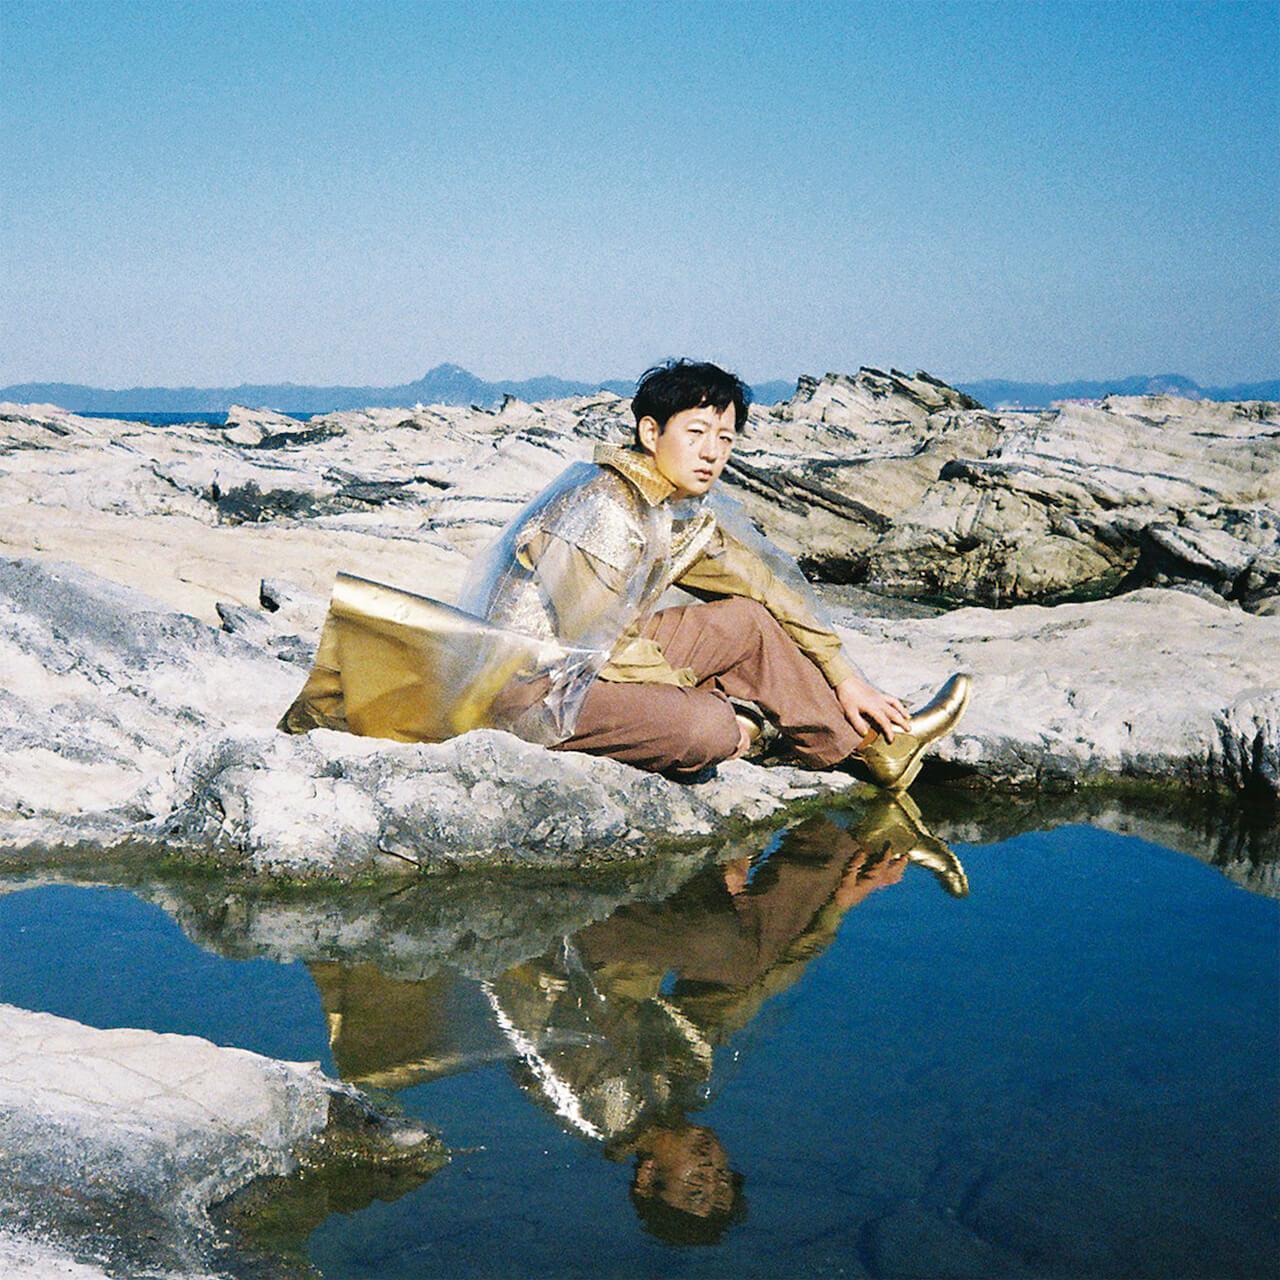 井手健介と母船、石原洋のサウンド・プロデュースによる5年ぶりの新作トレイラーが公開 特設ページには坂本慎太郎らが寄稿 music200419-idekensuke-2